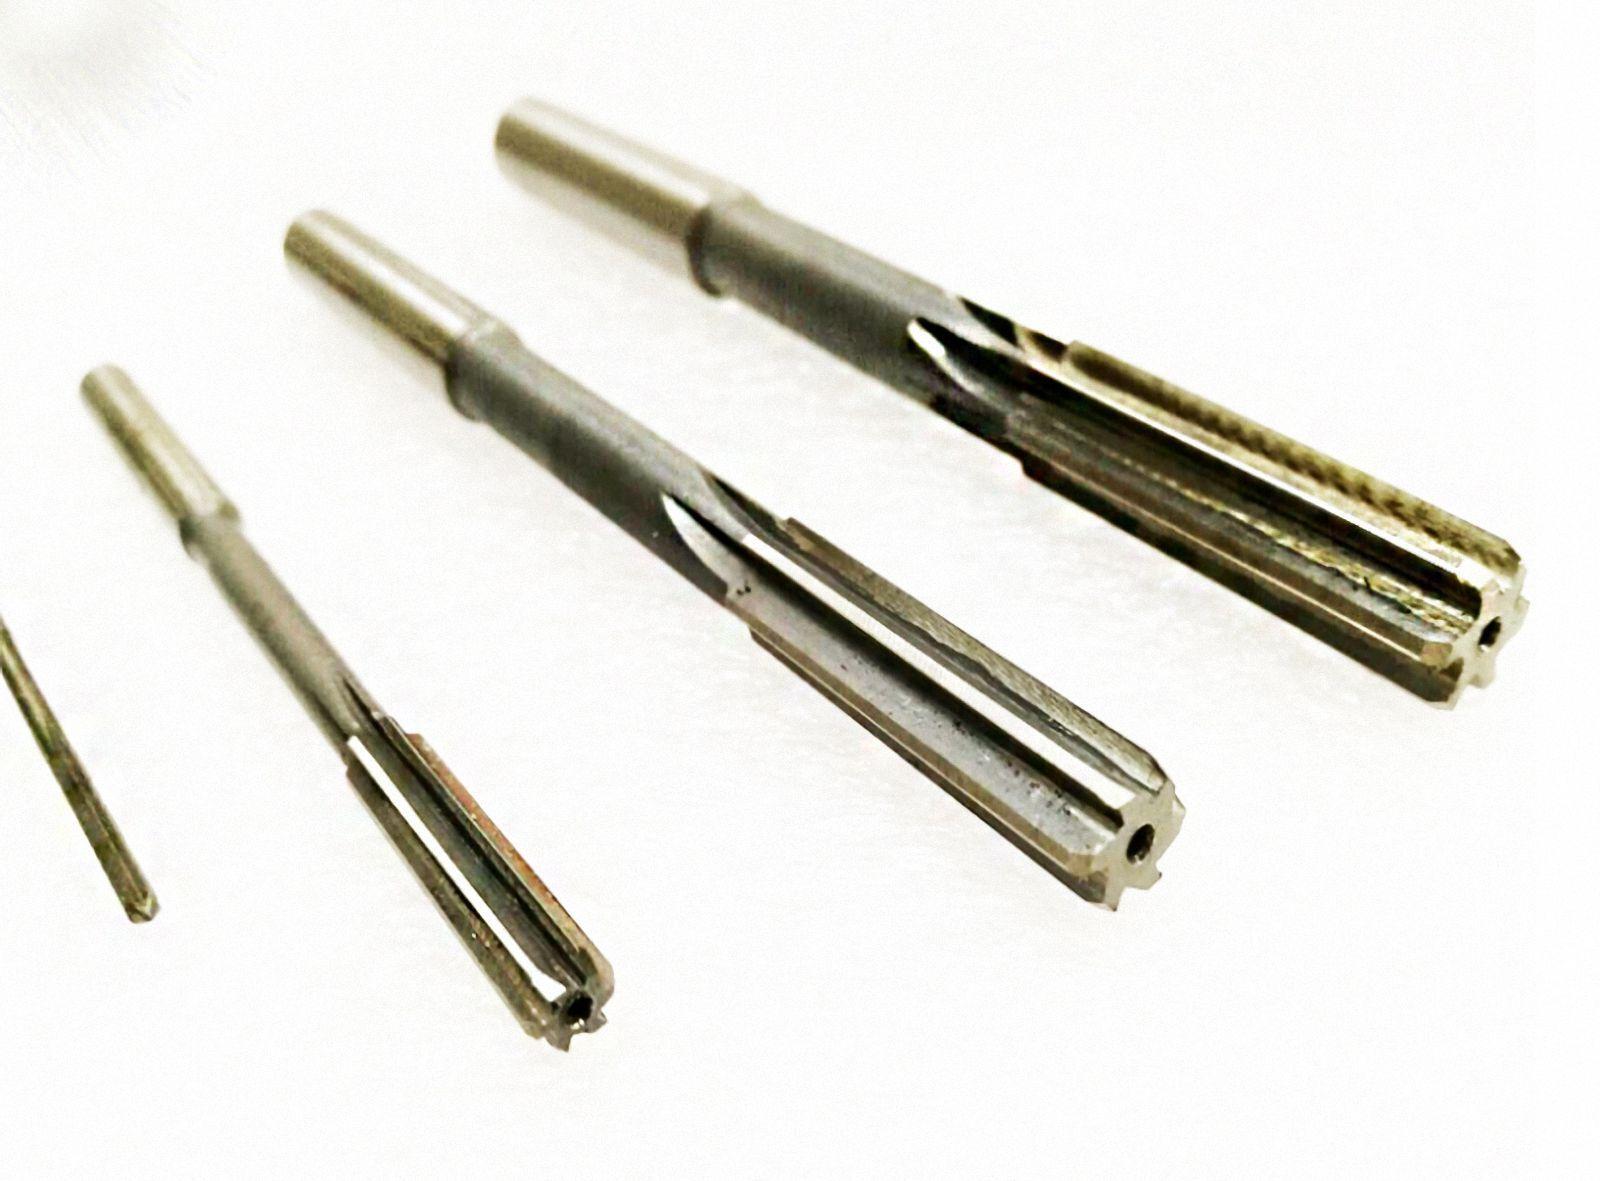 Auswahl Größe 3.0mm Sich 6.9mm H7 Gerader Schaft Hand Reibahle Dorl /_ A